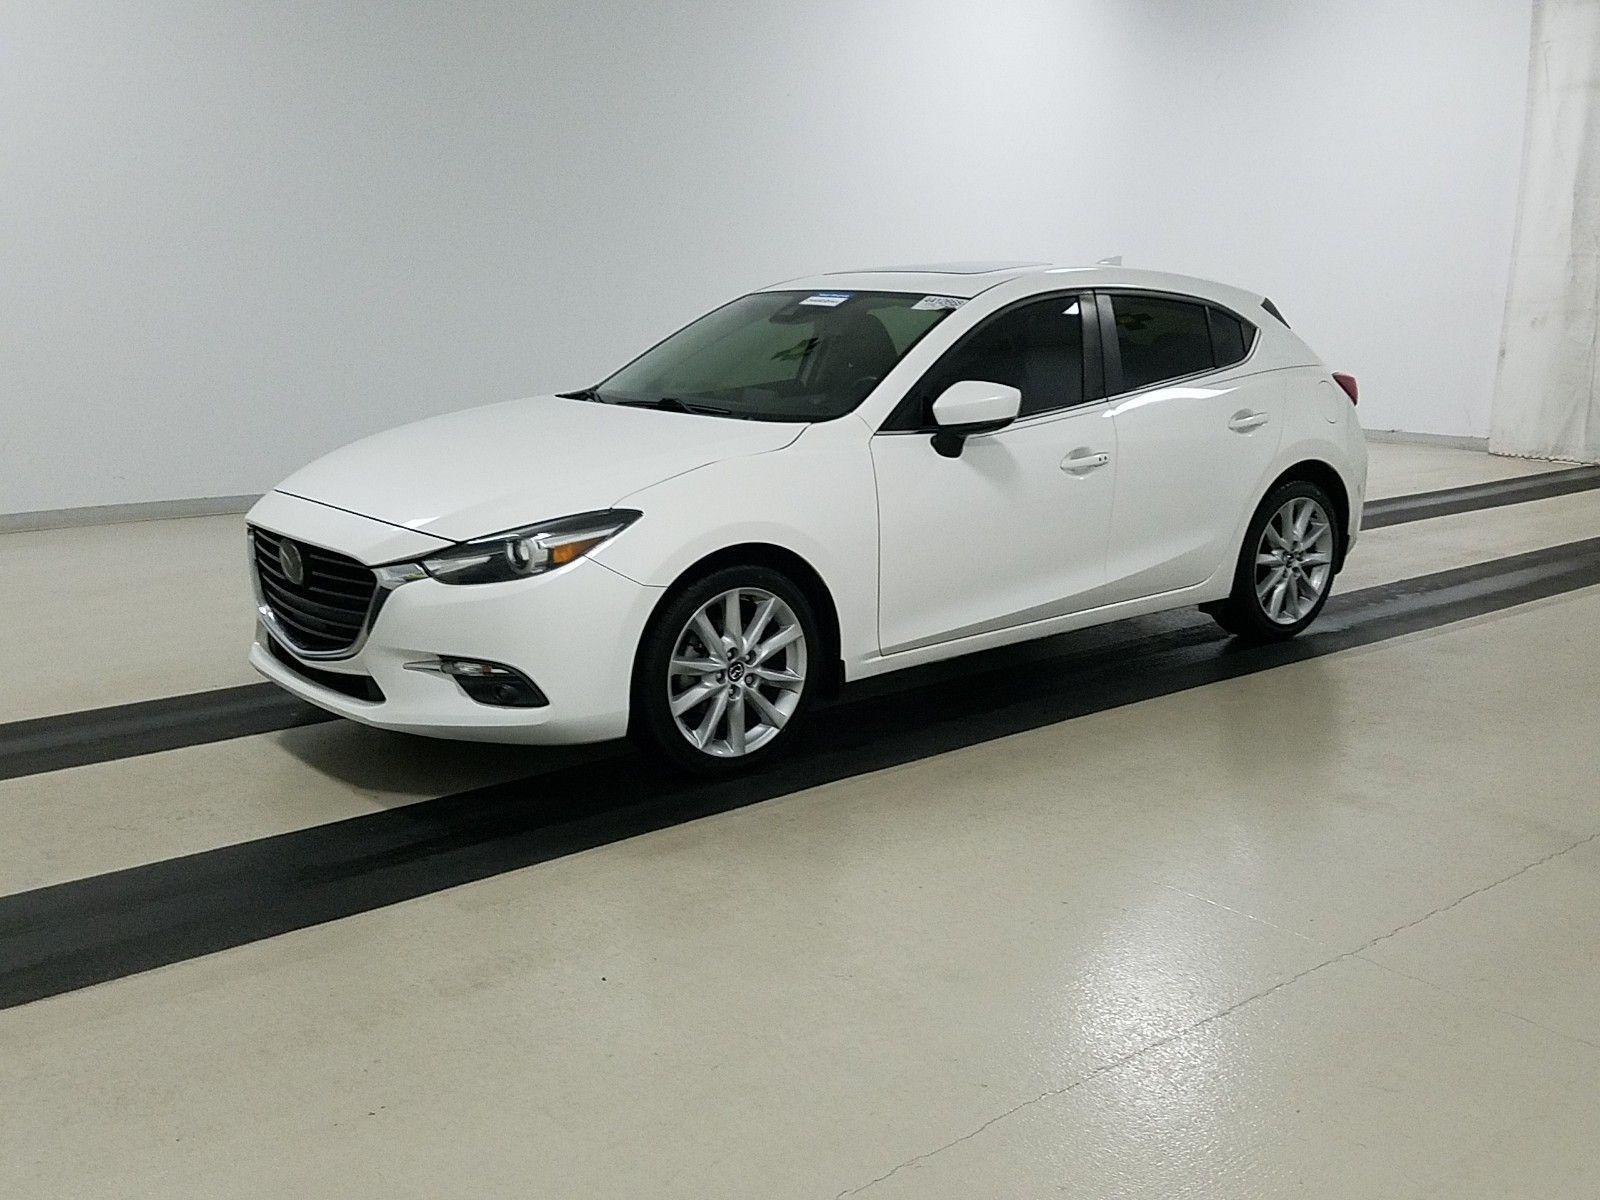 2017 Mazda3 2.5. Lot 99915808610 Vin 3MZBN1M34HM129868